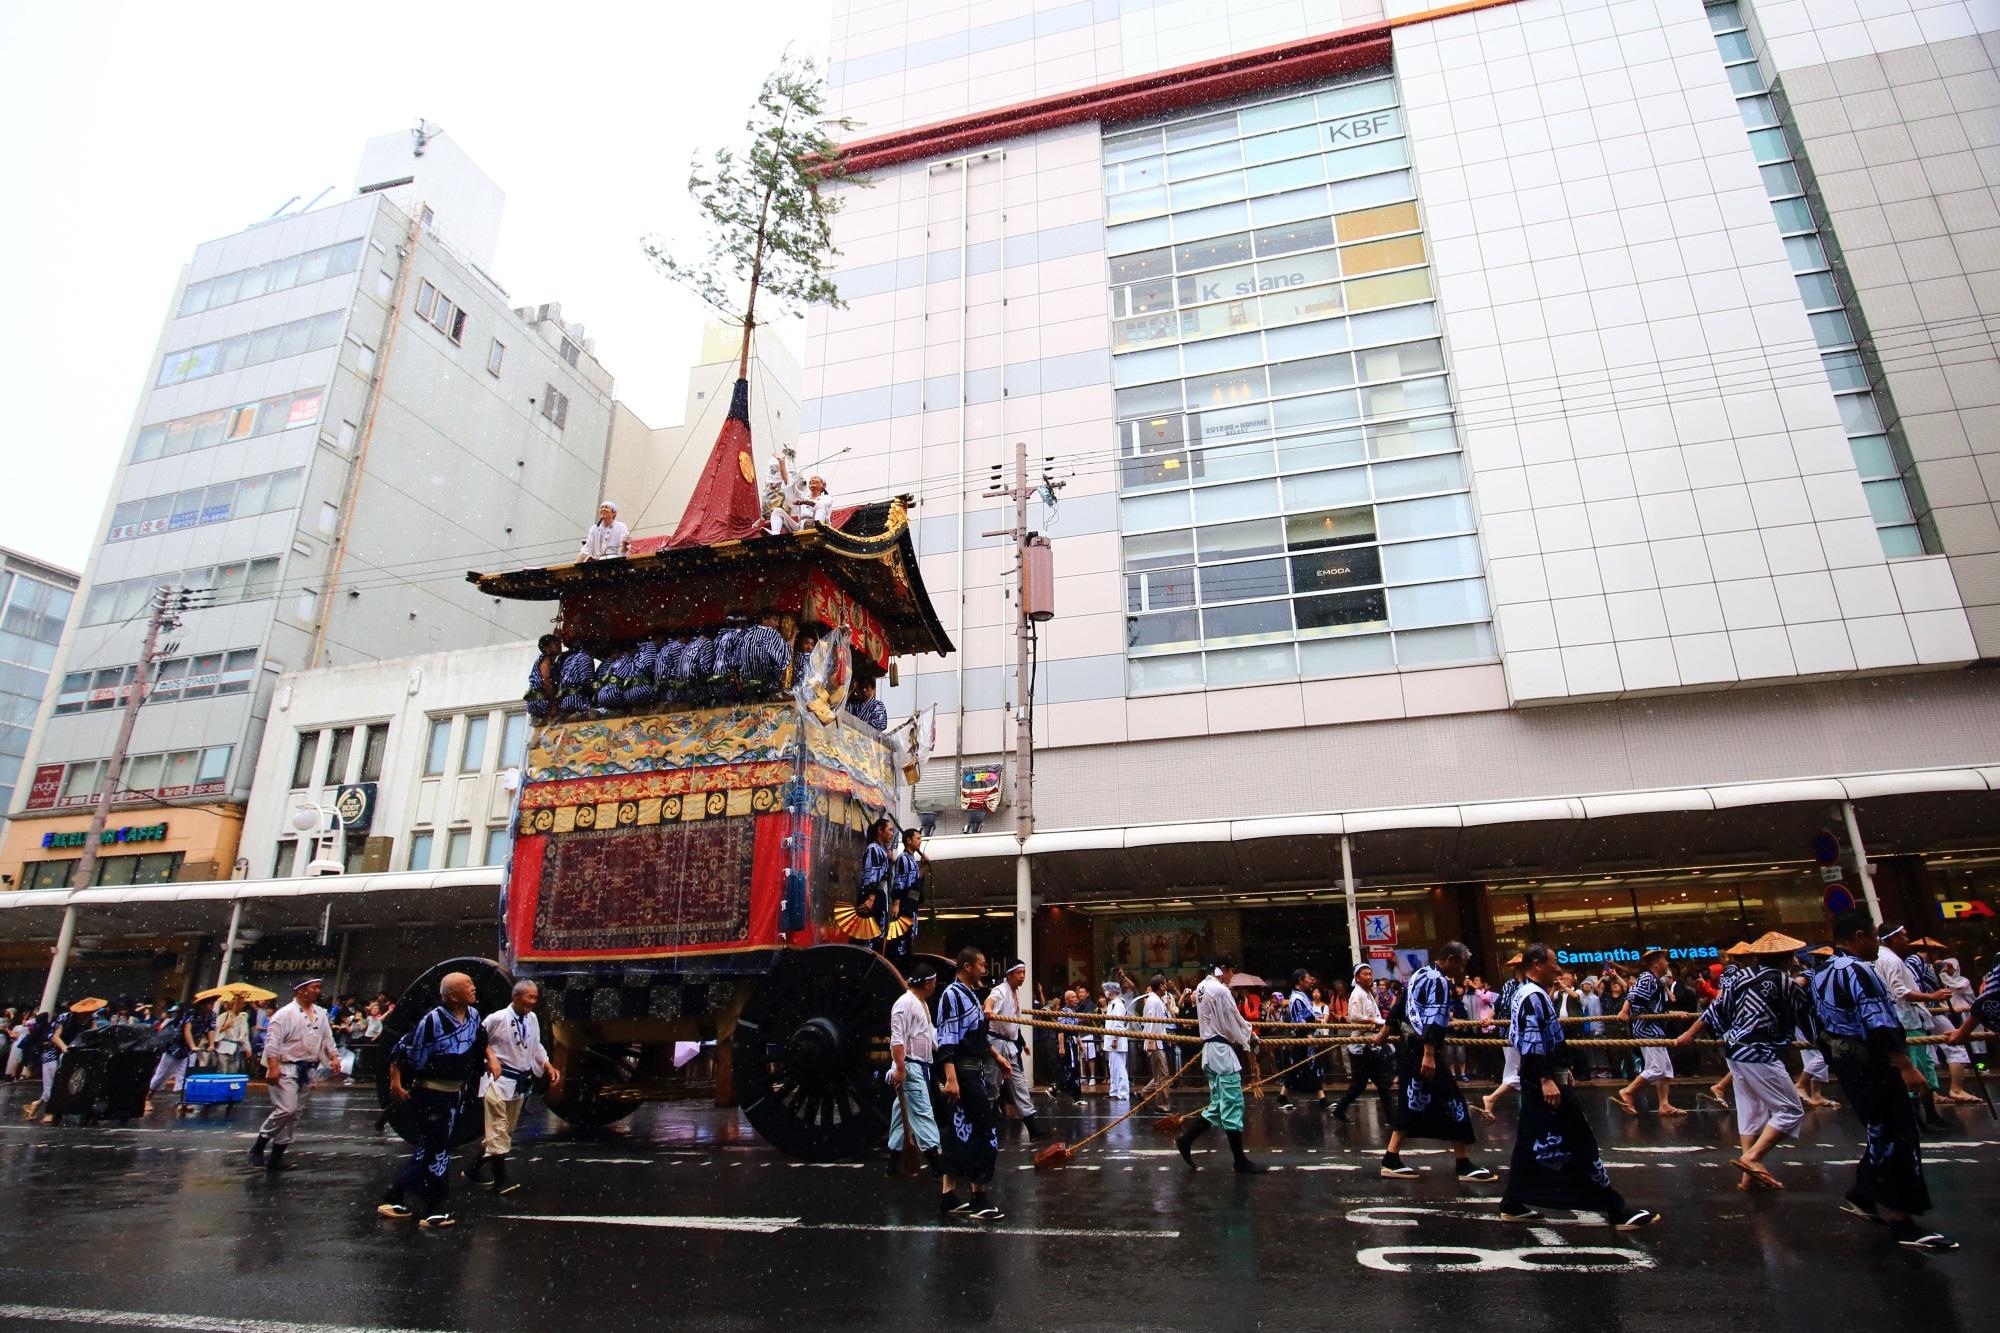 祇園祭の山鉾巡行(前祭)の岩戸山(いわとやま)